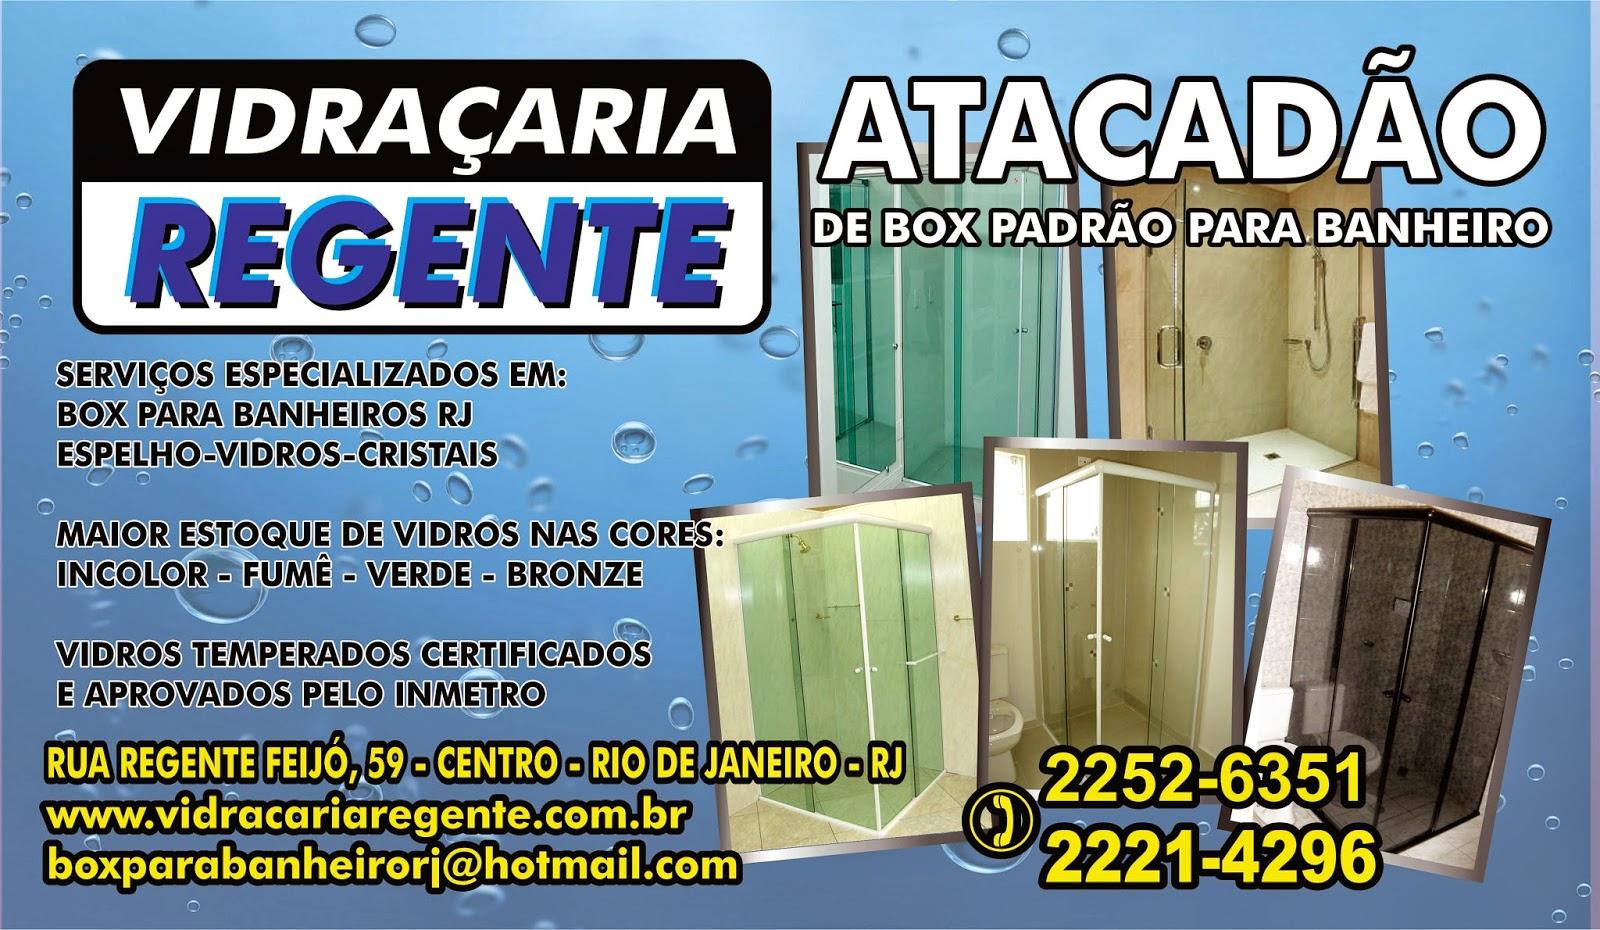 Imagens de #BAB111  por Vidraçaria Regente Box Blindex Vidros e Espelhos às 07:39 1600x930 px 3544 Blindex Banheiro Jacarepagua